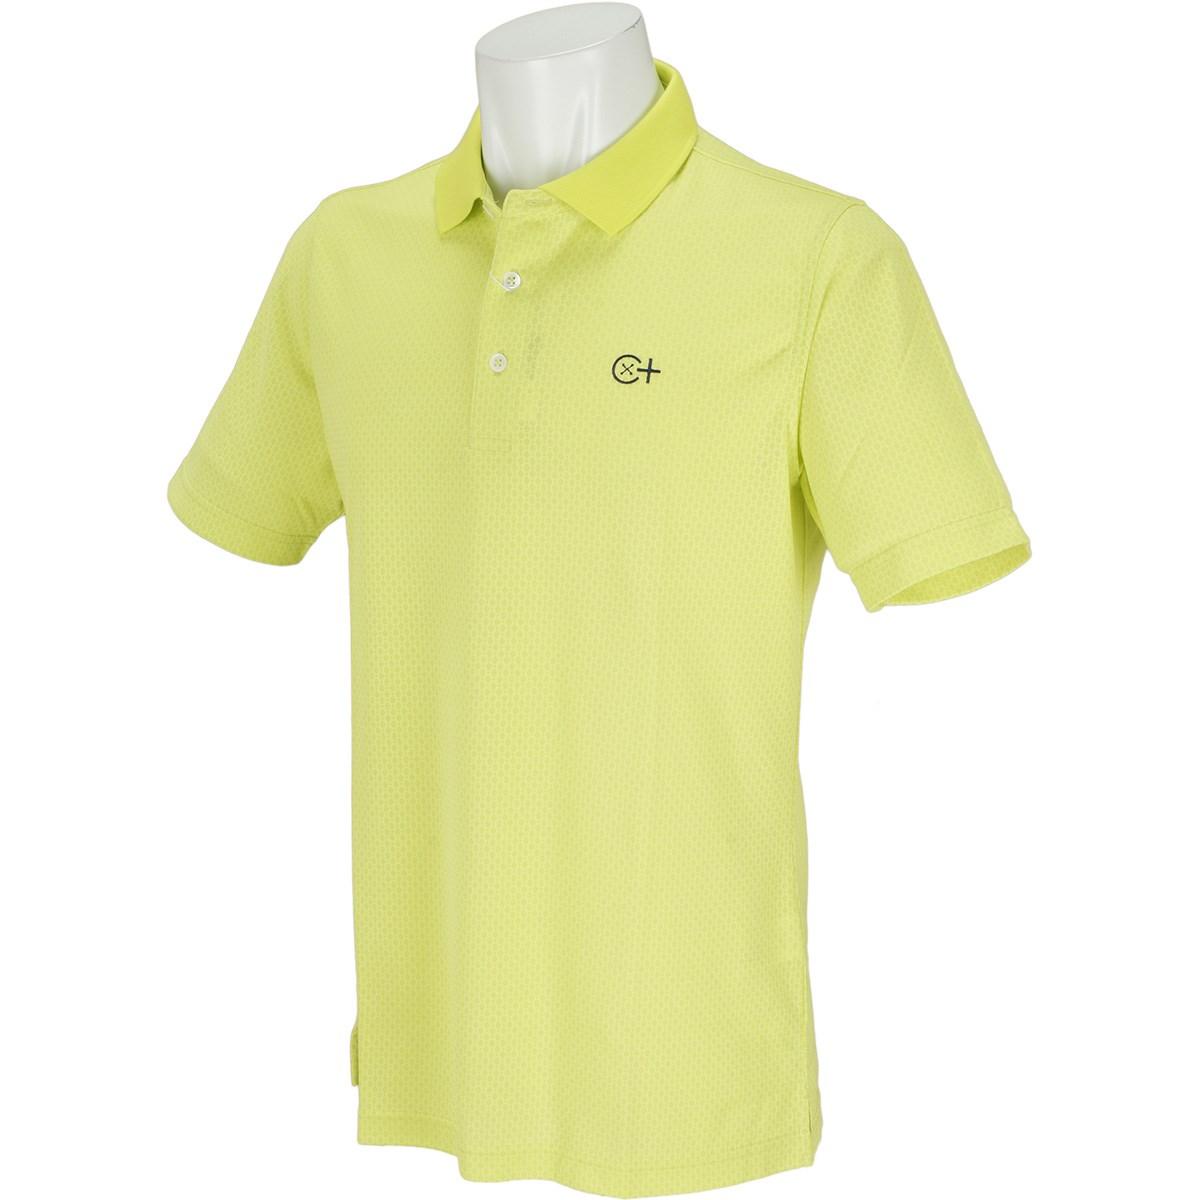 カミーチャスポルティーバプラス アイスコットンジャカード 半袖ポロシャツ